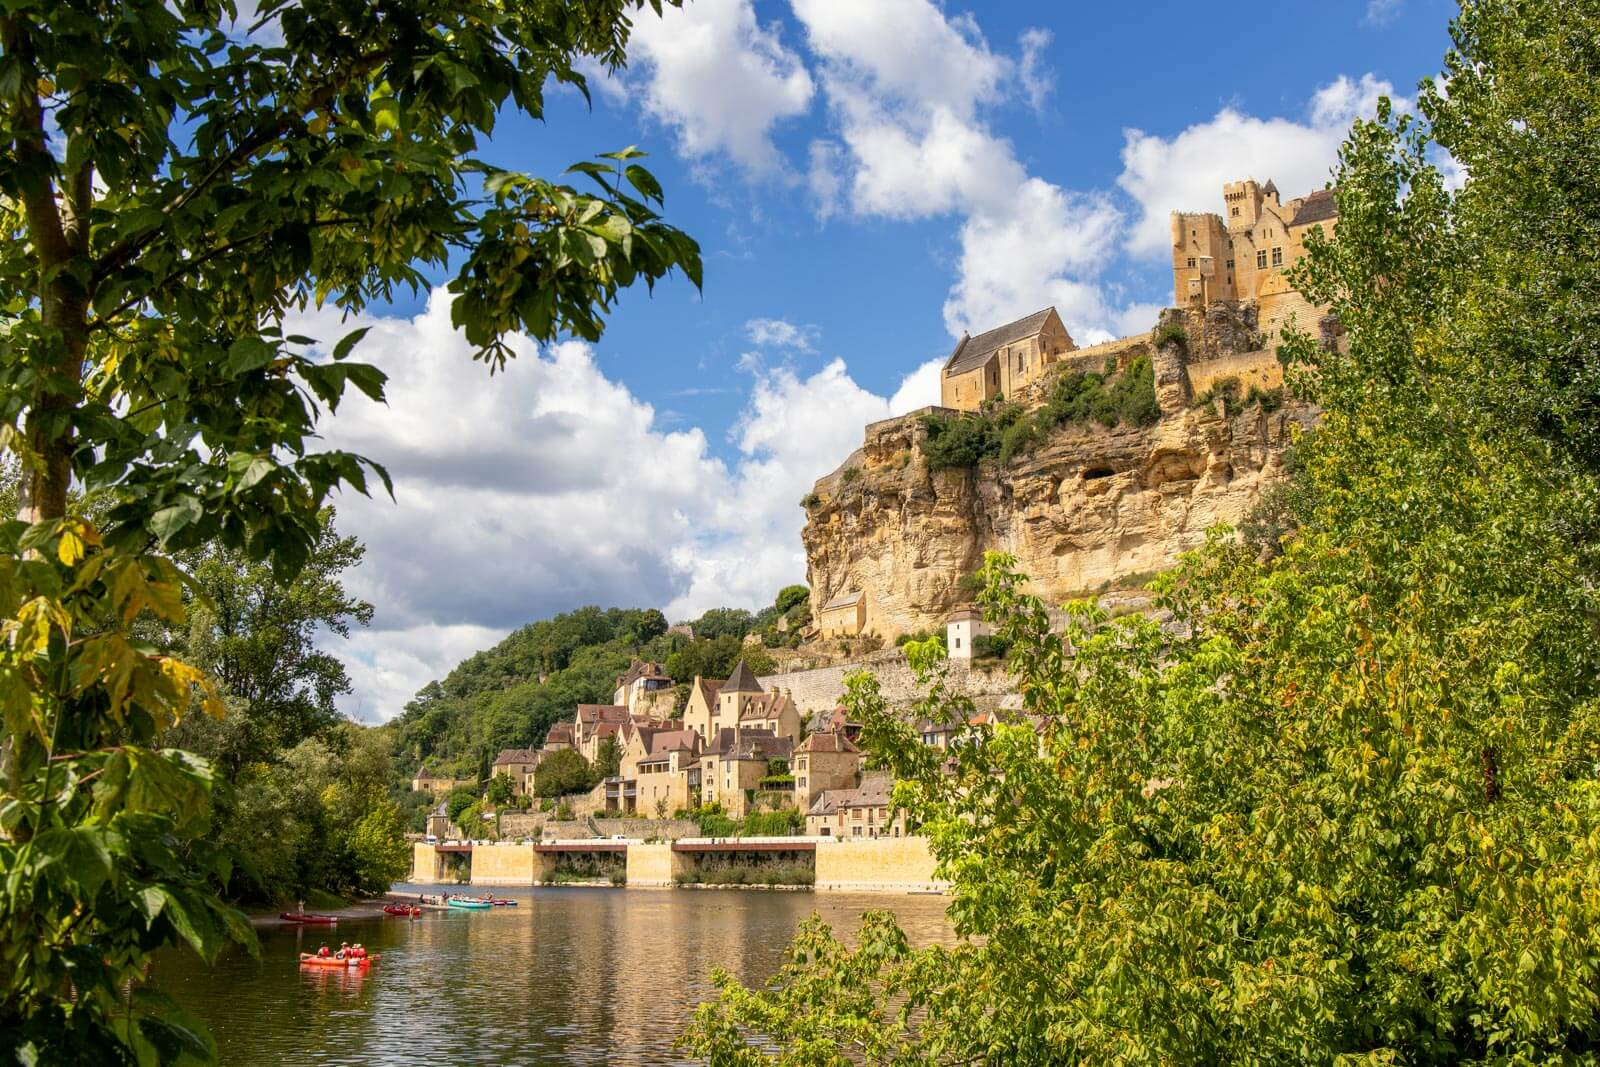 Dordogne-Tal mit Blick auf die Dordogne, Beynac-et-Cazenac und die Burg Beynac